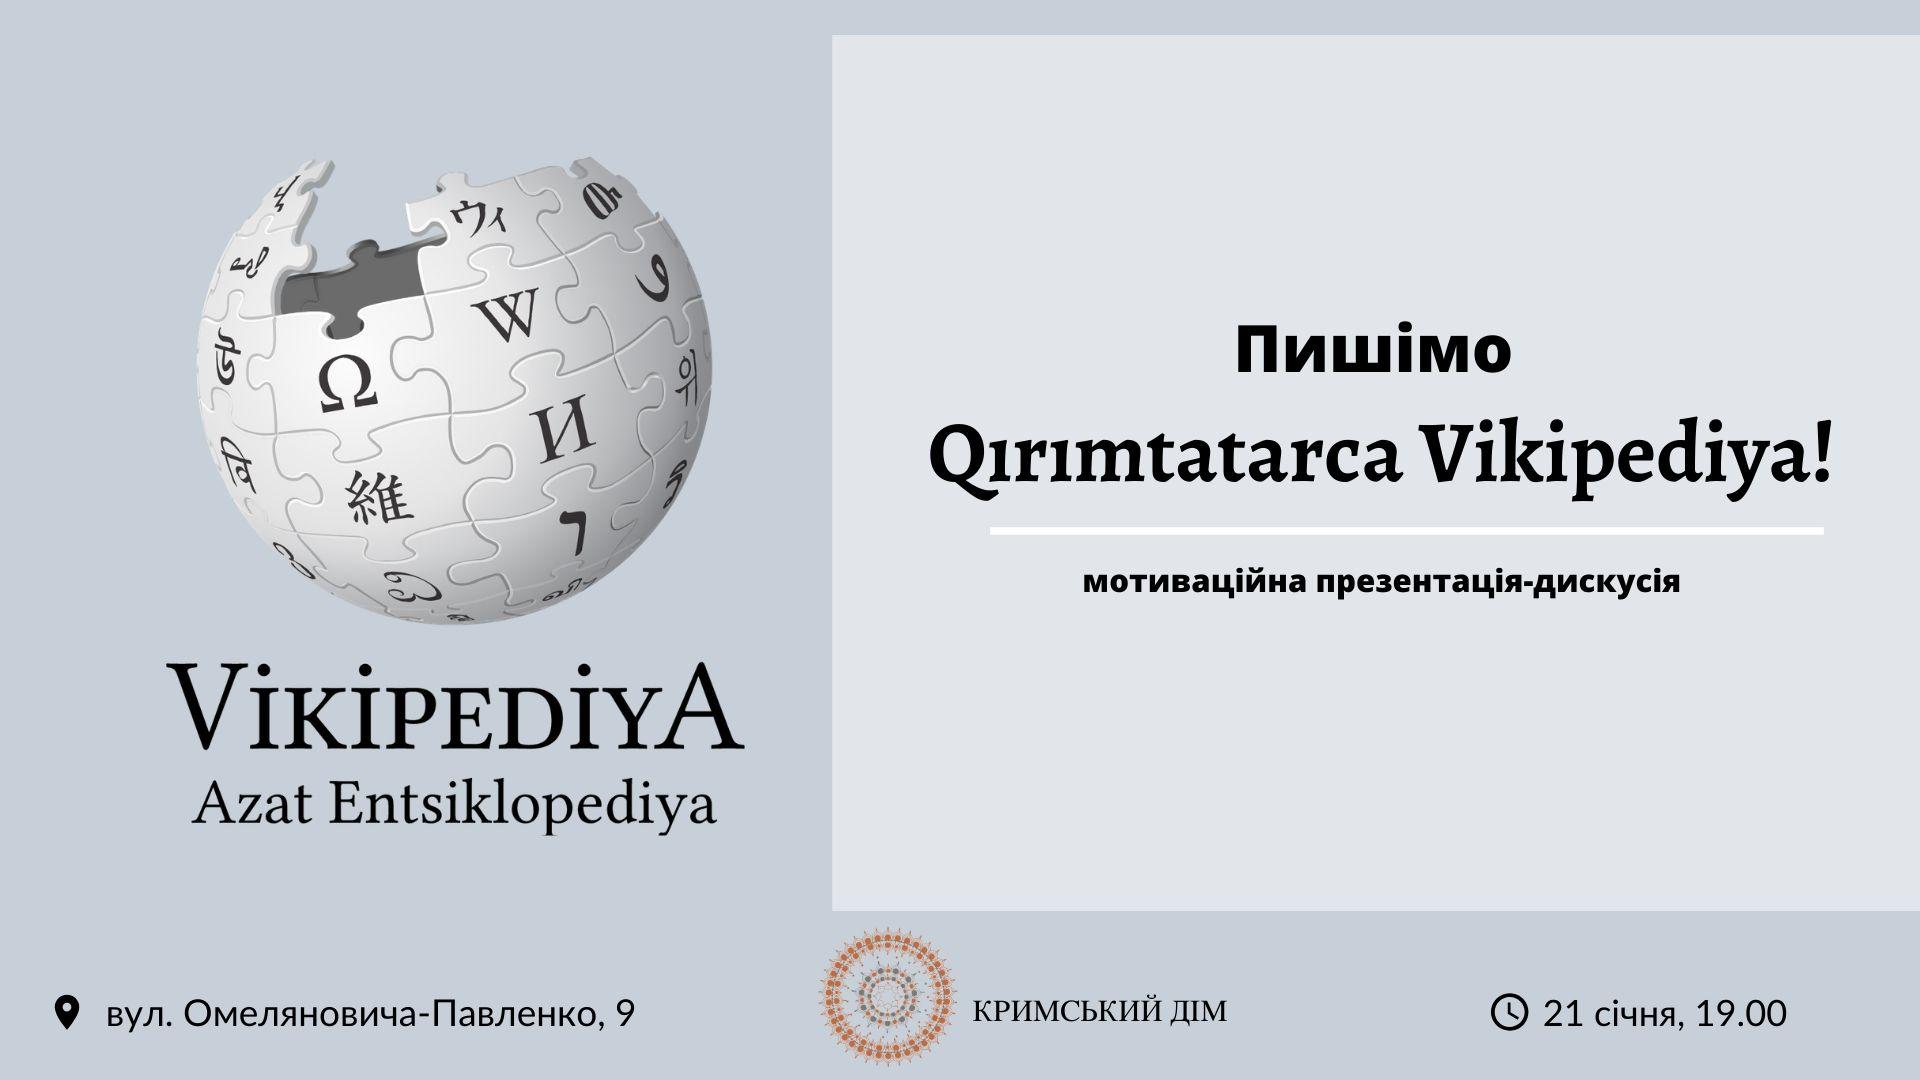 Пишімо Qırımtatarca Vikipediya!